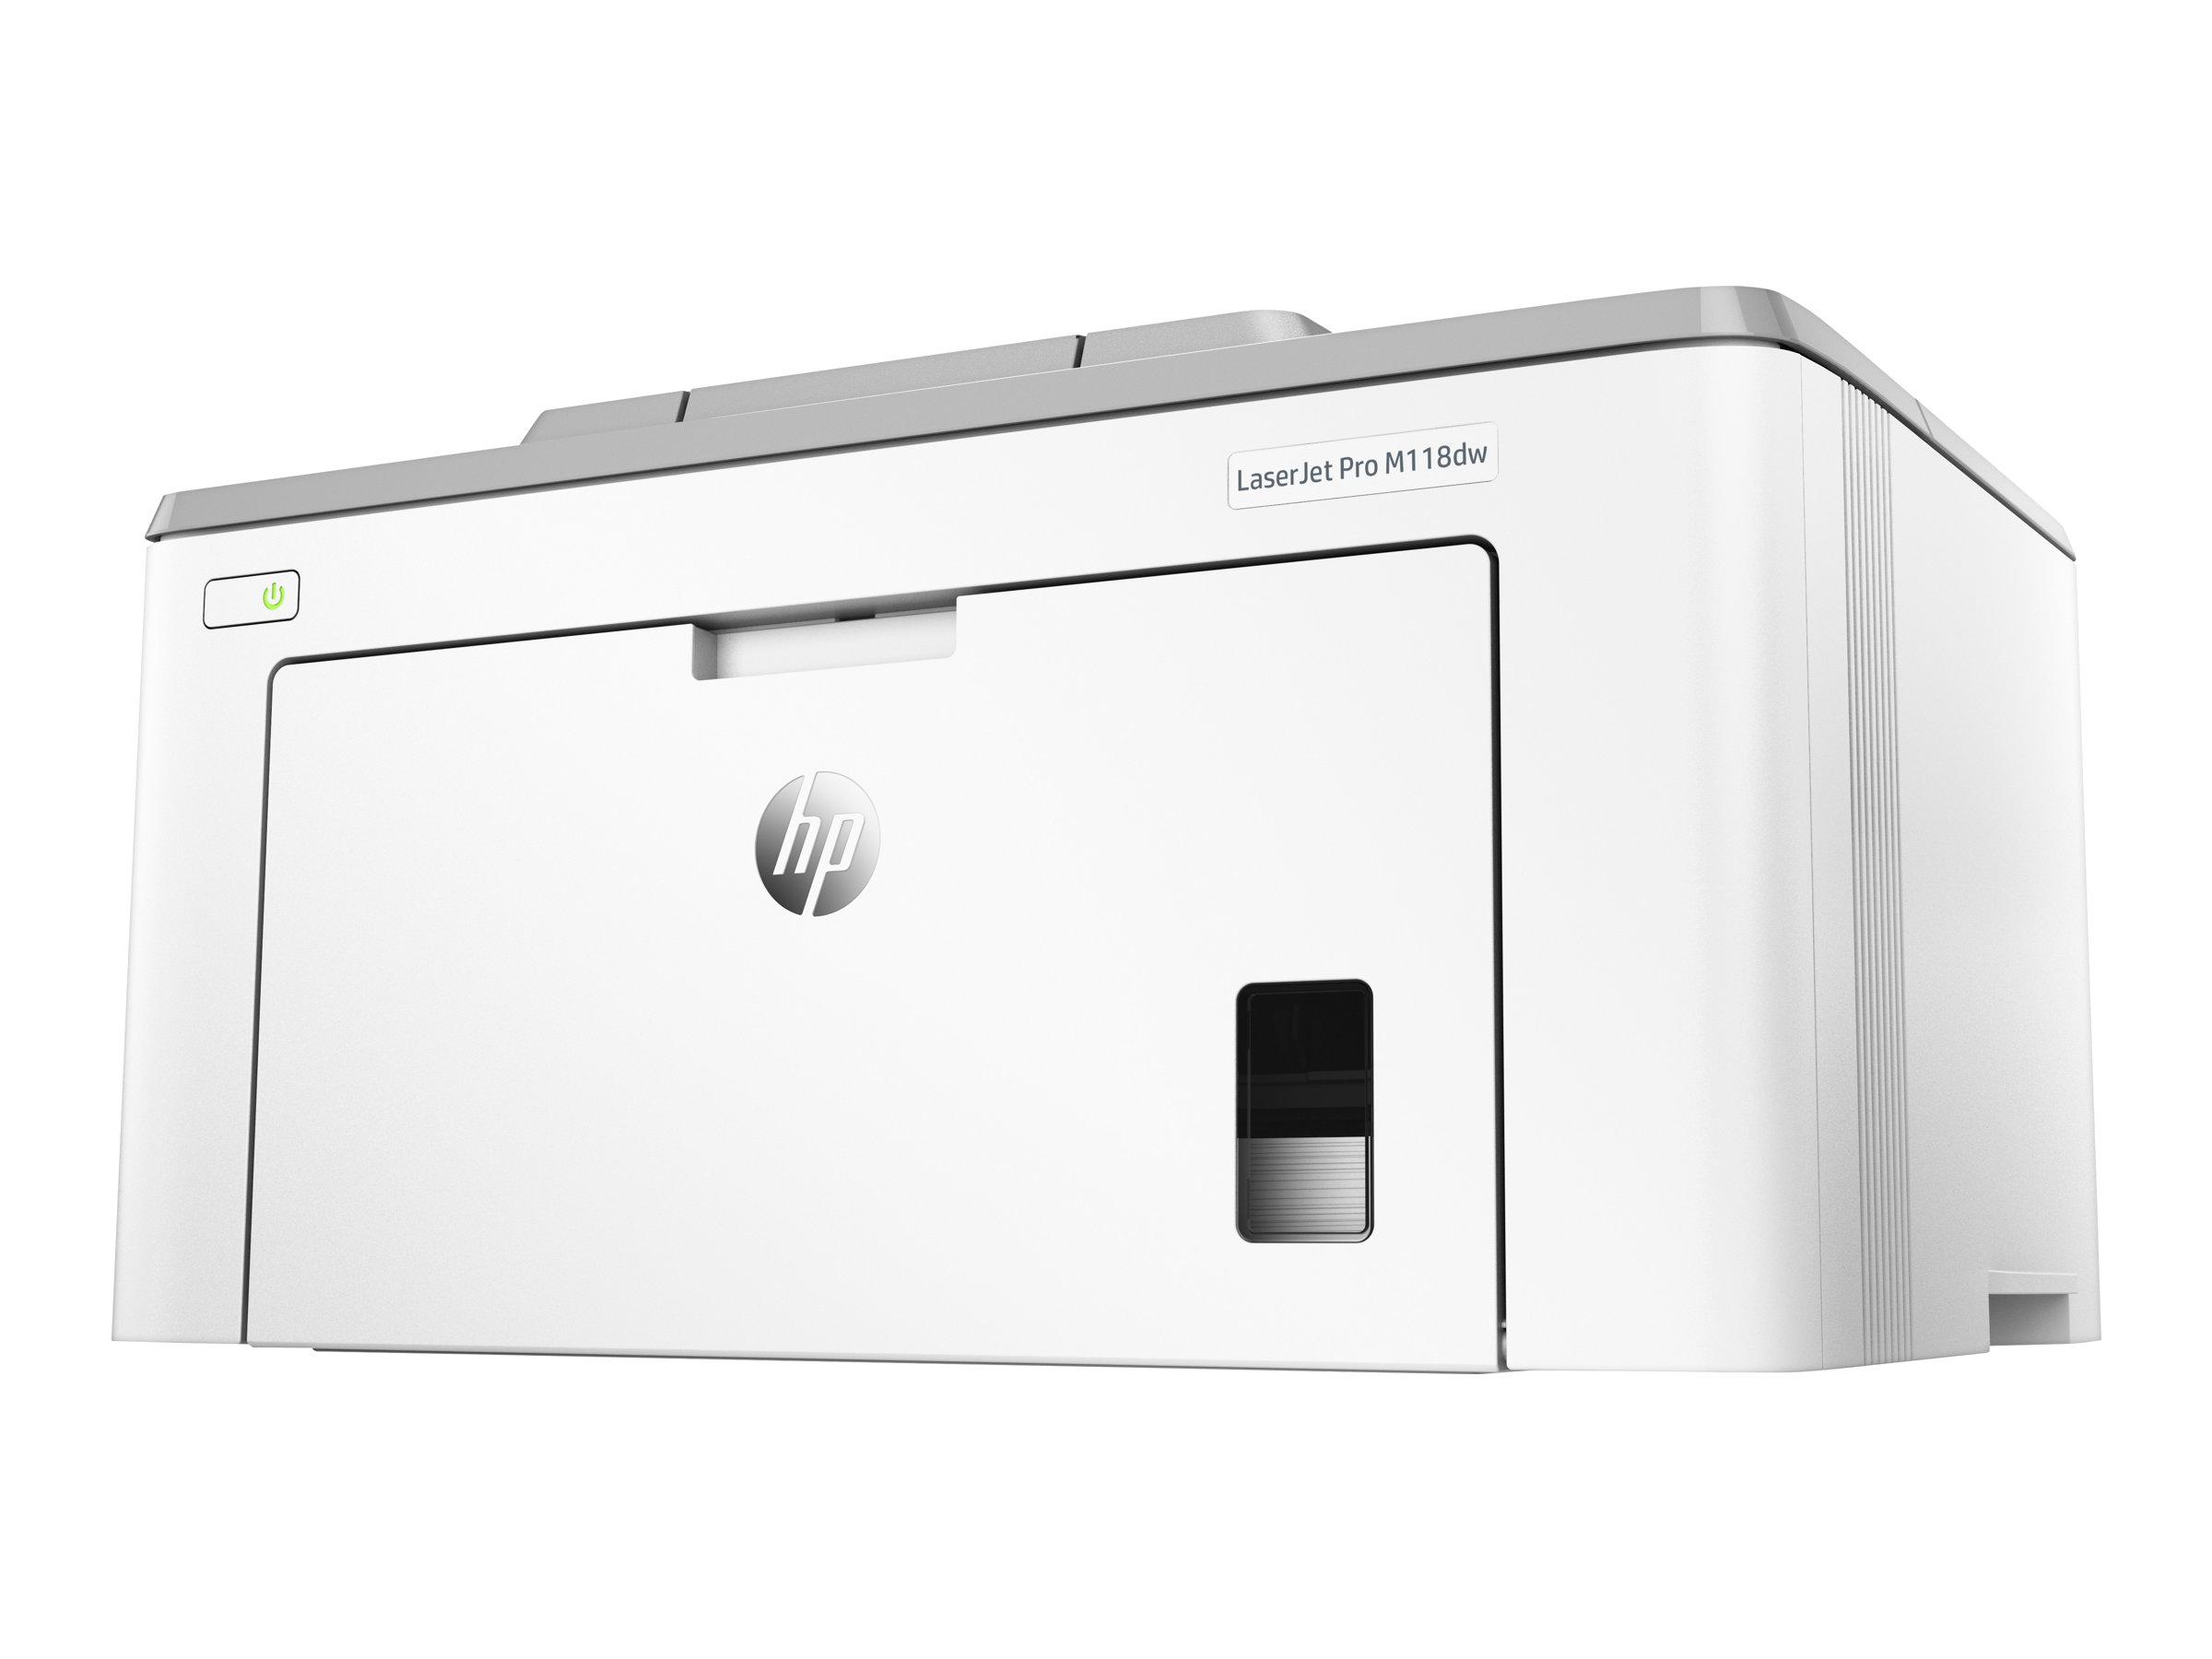 HP LaserJet Pro M118dw - Drucker - s/w - Laser